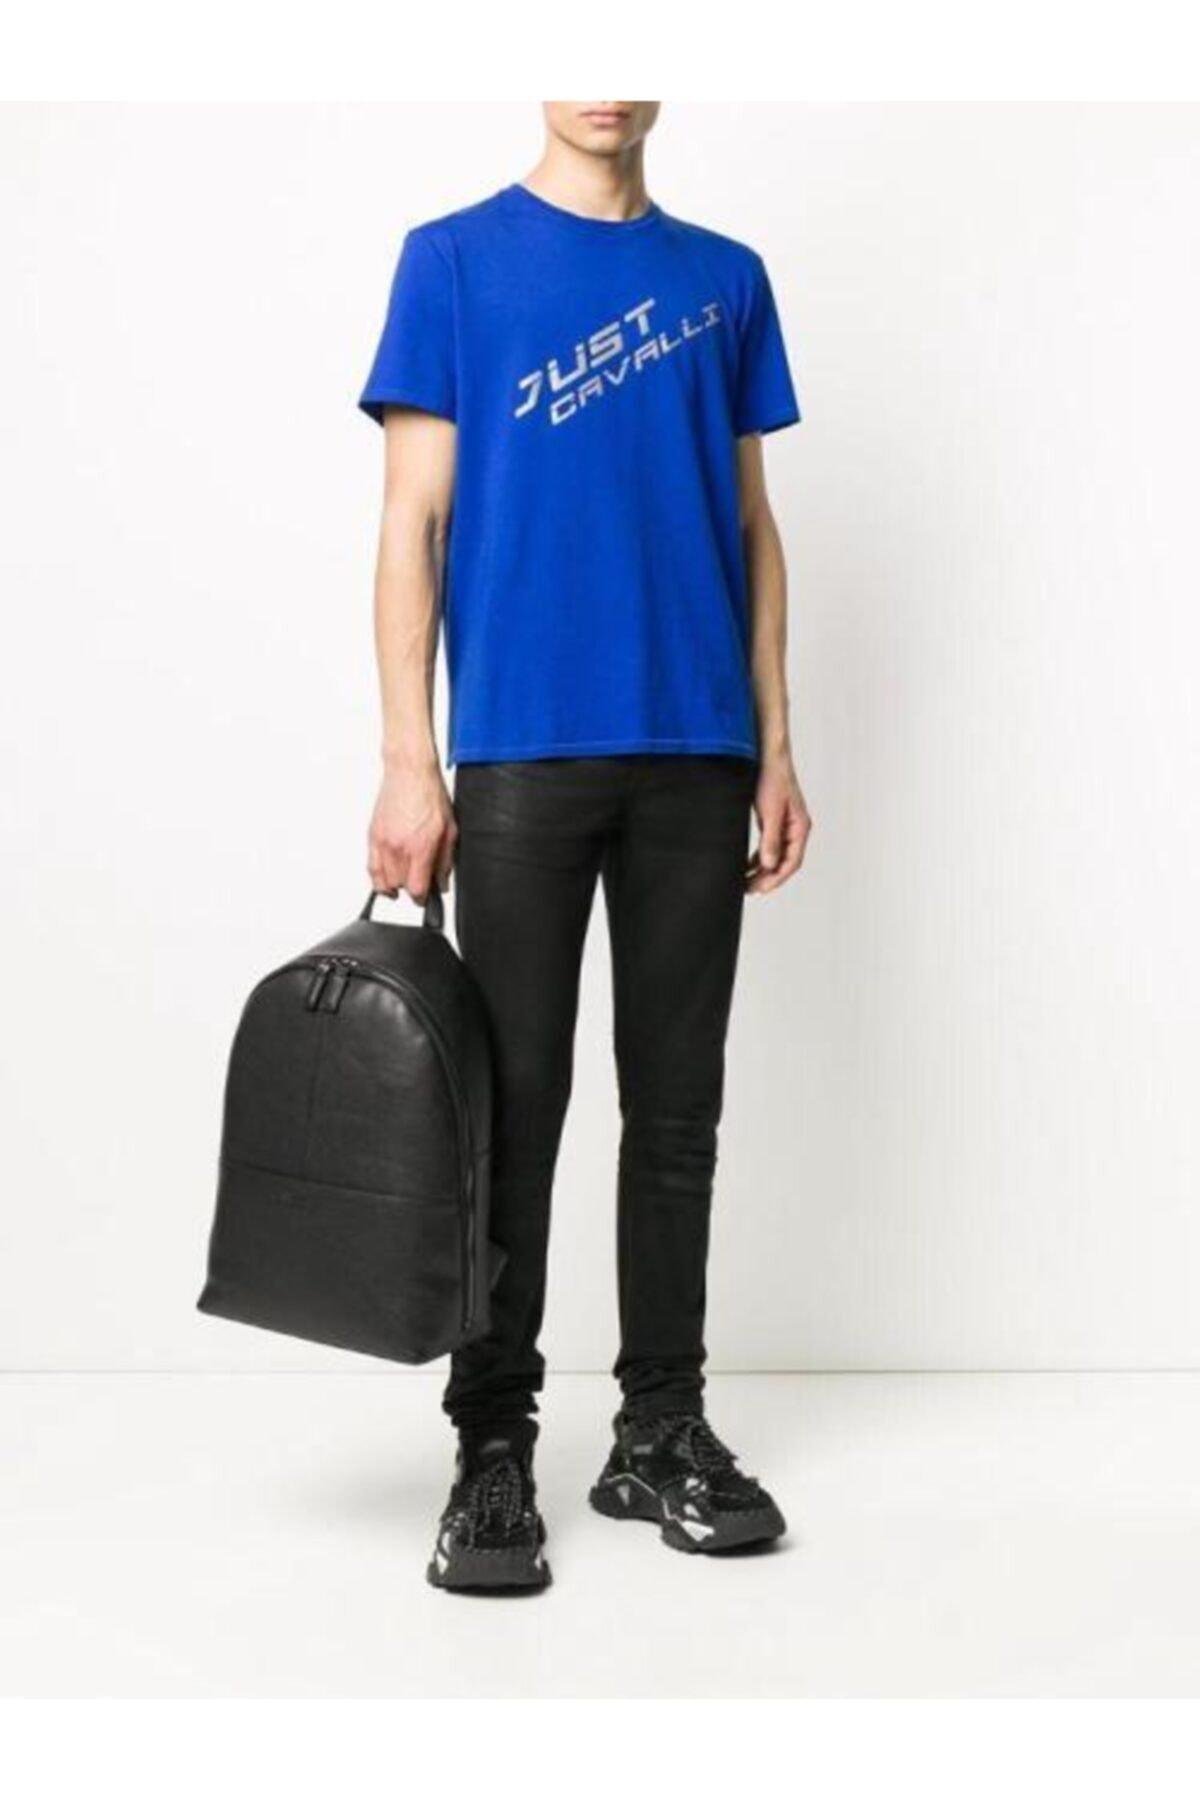 Just Cavalli Reflektör Baskı T-shirt 1